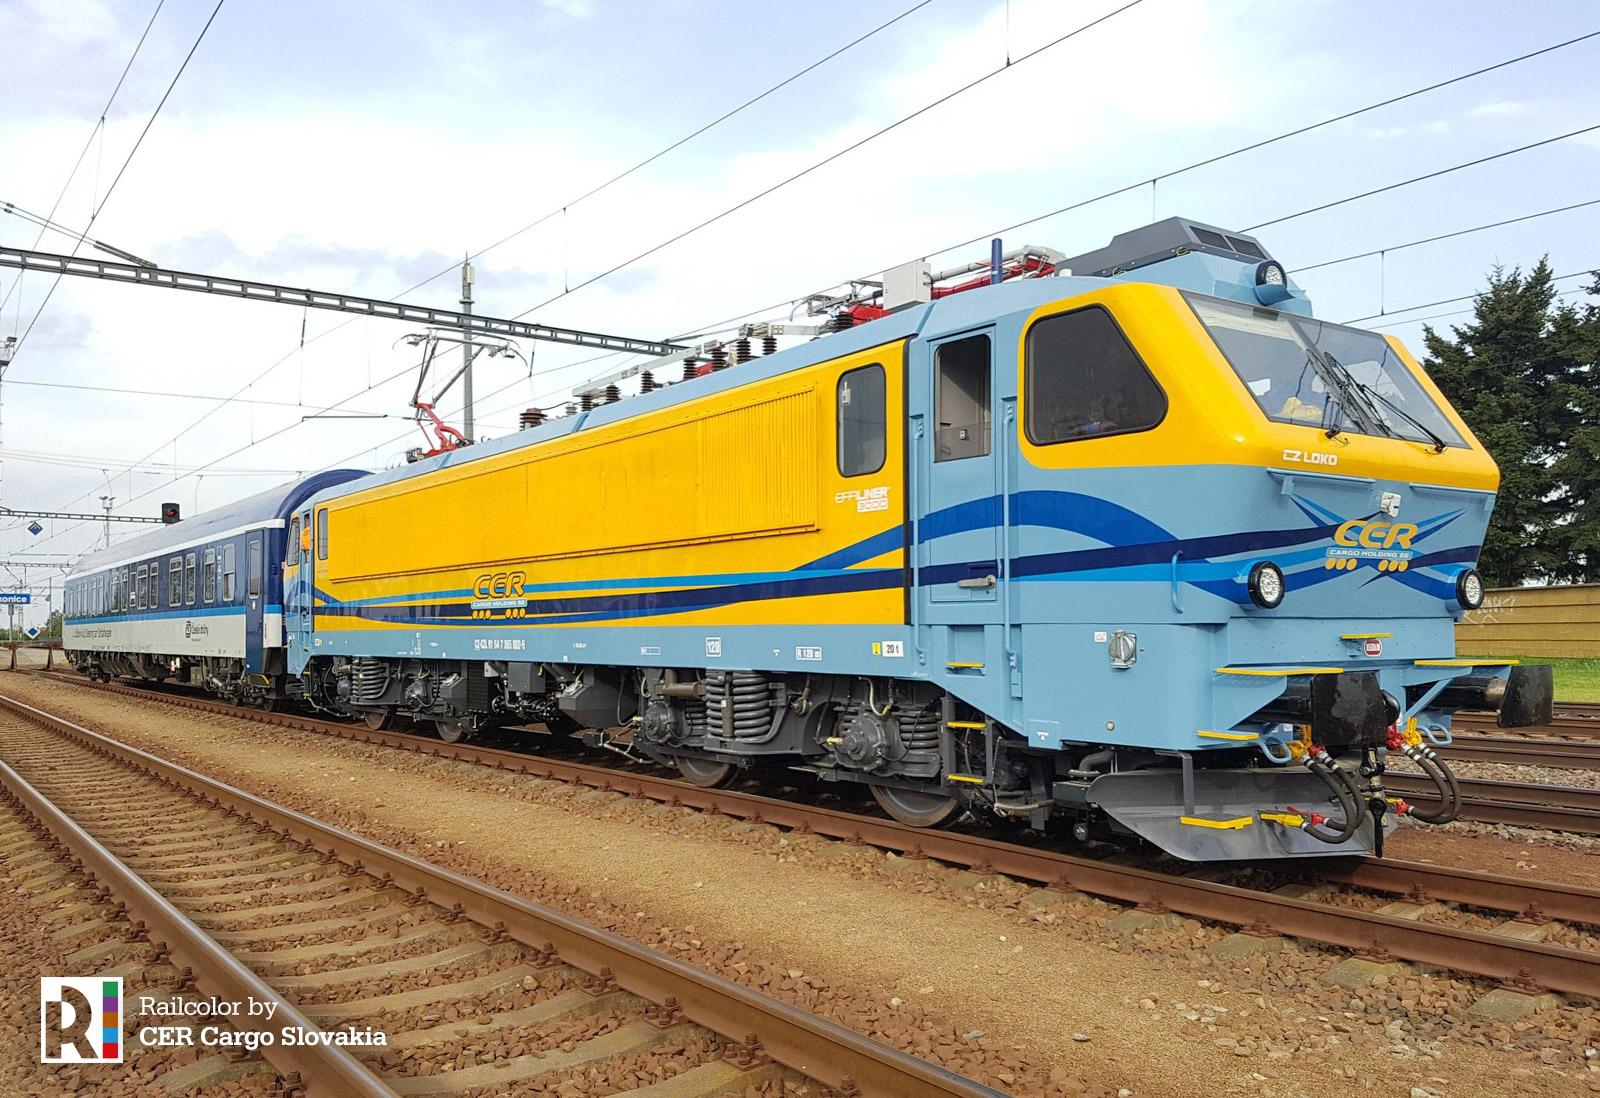 Photo Cer Cargo Slovakia